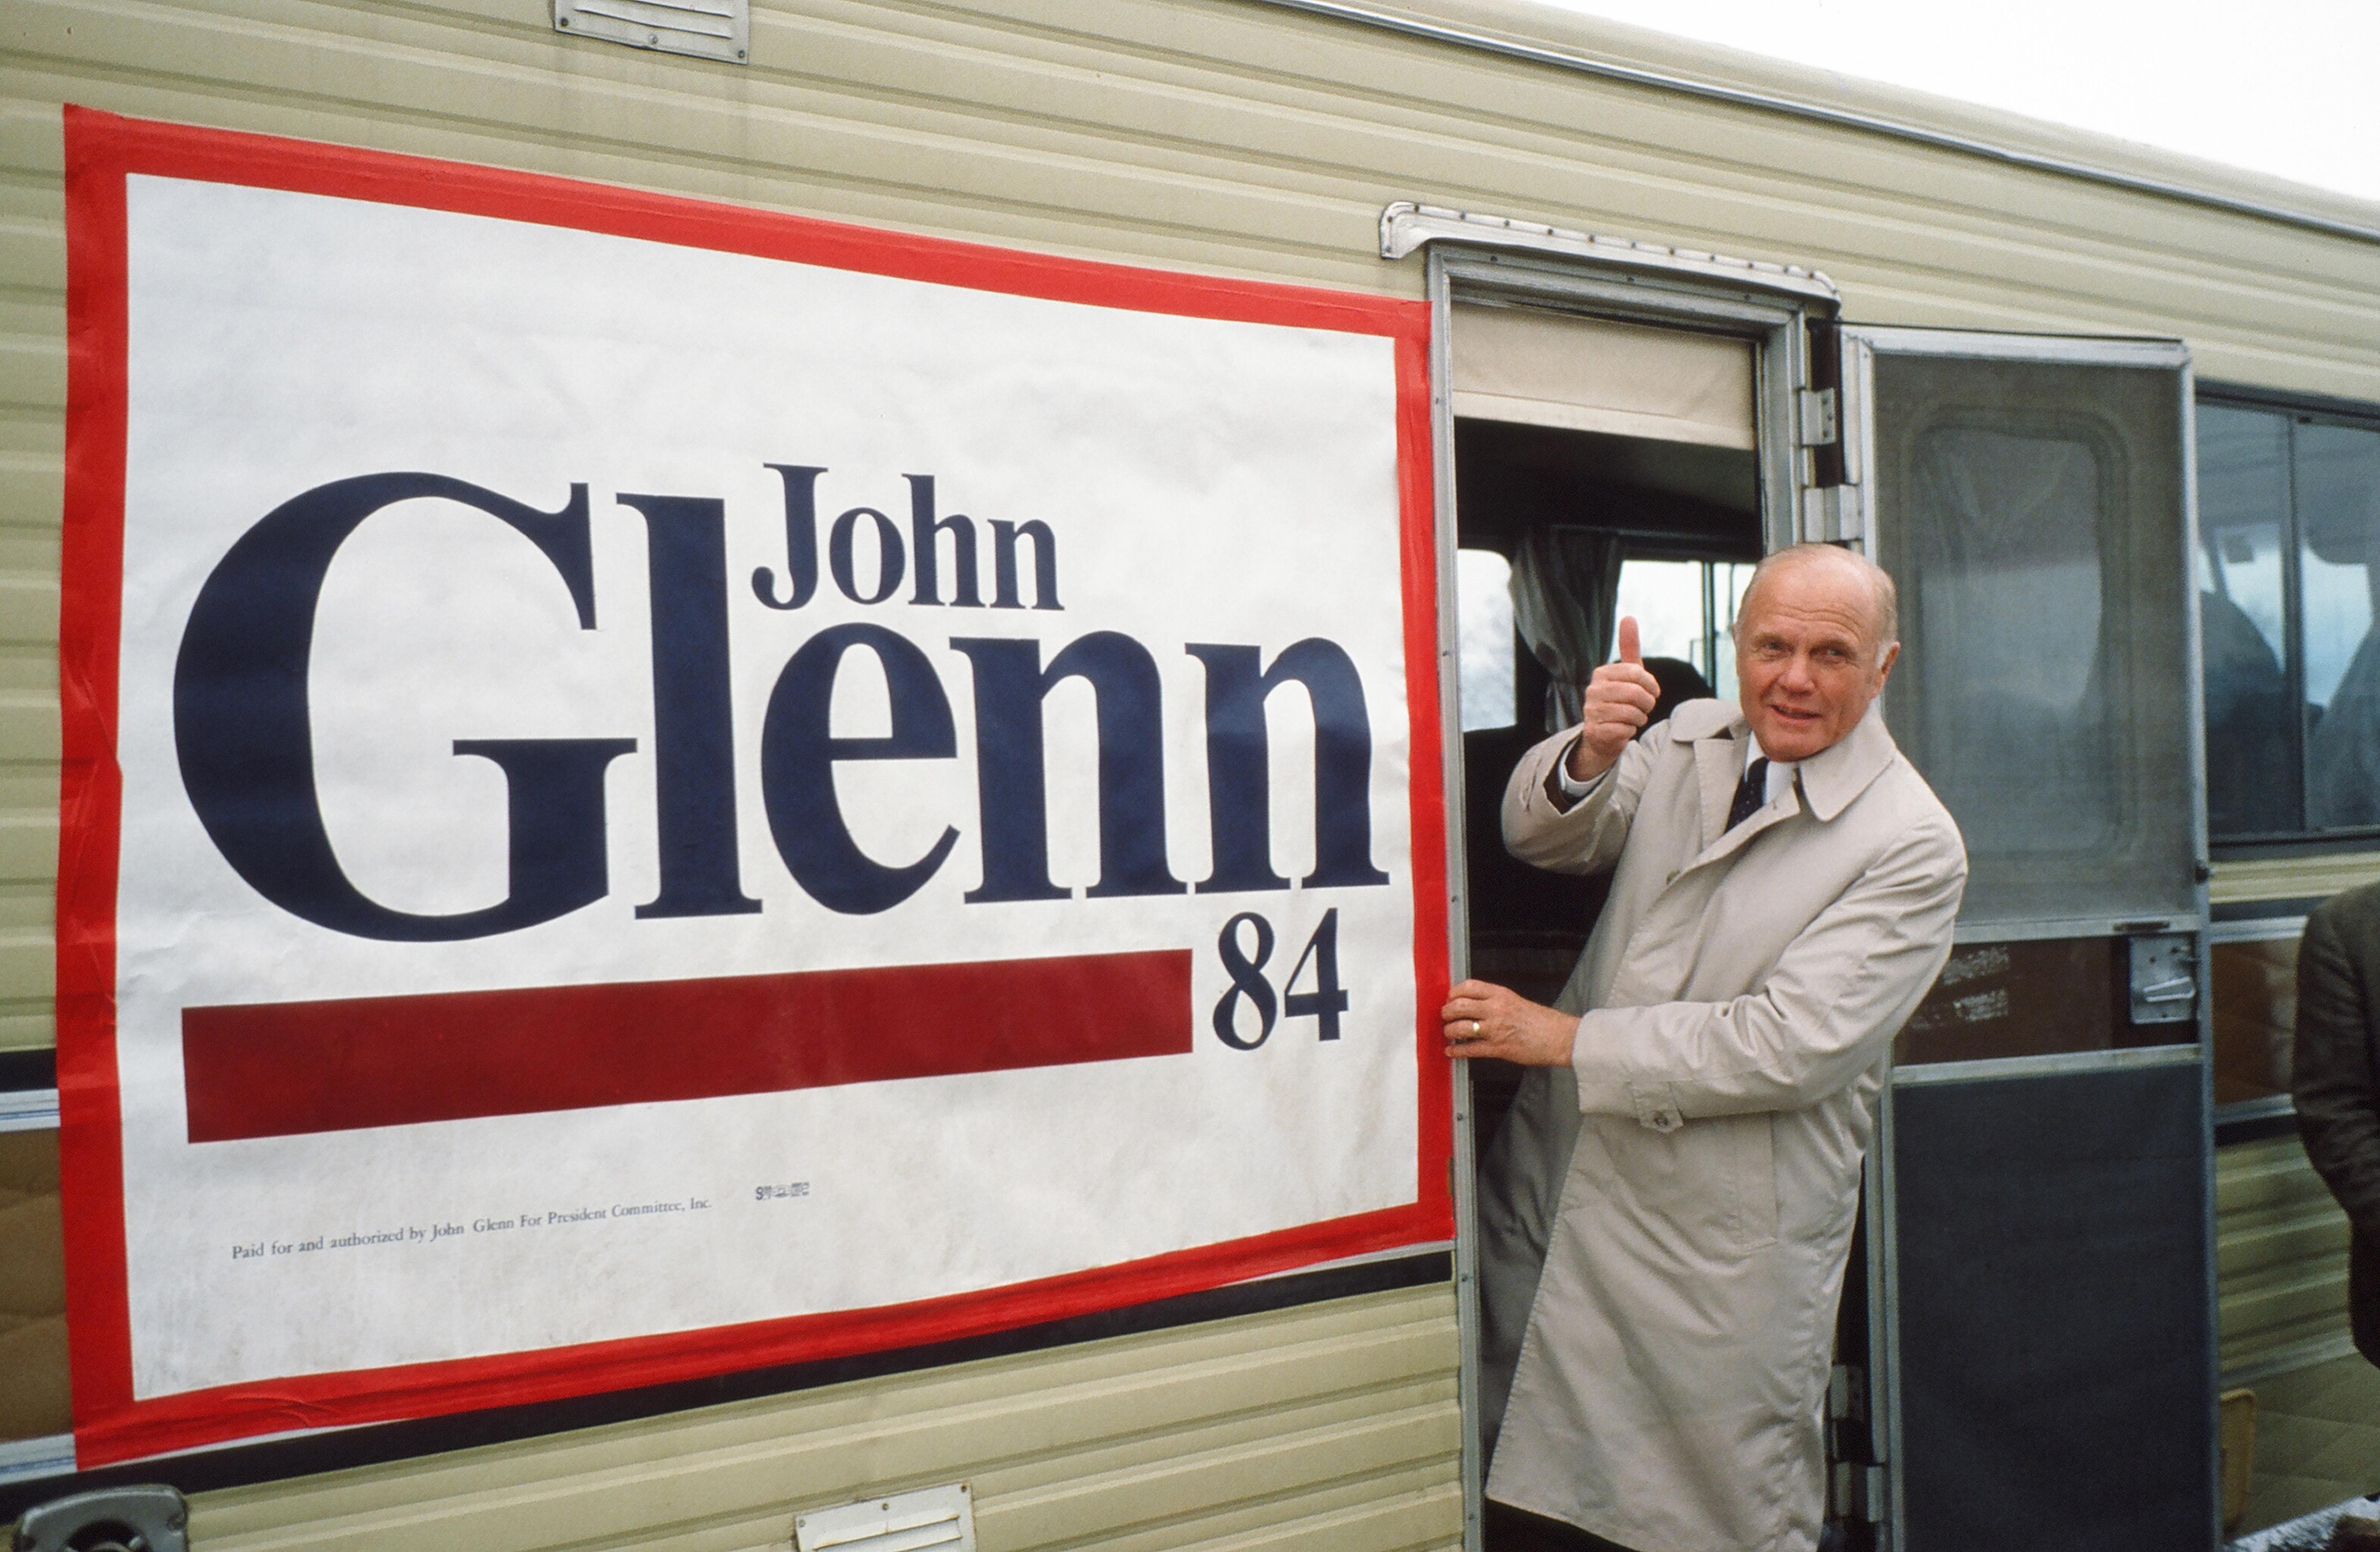 John Glenn Campaigns